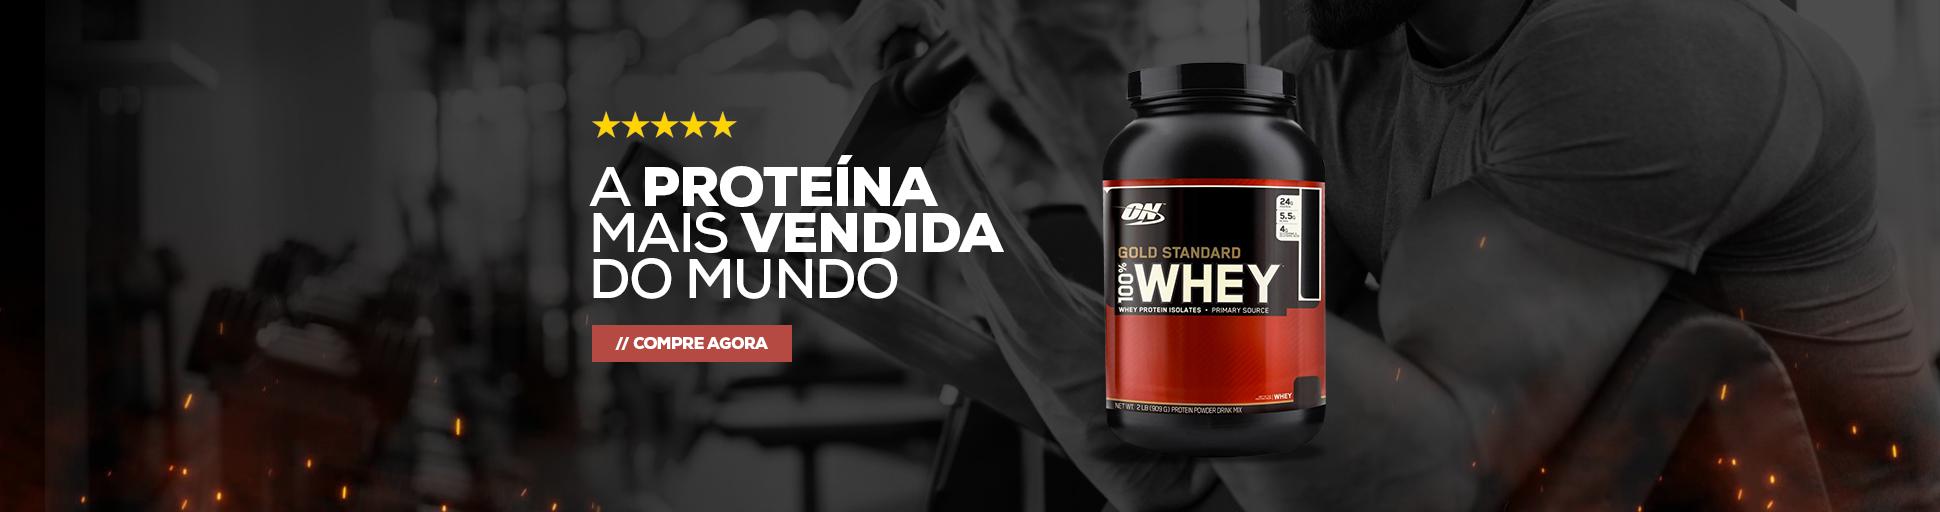 gold premium proteina